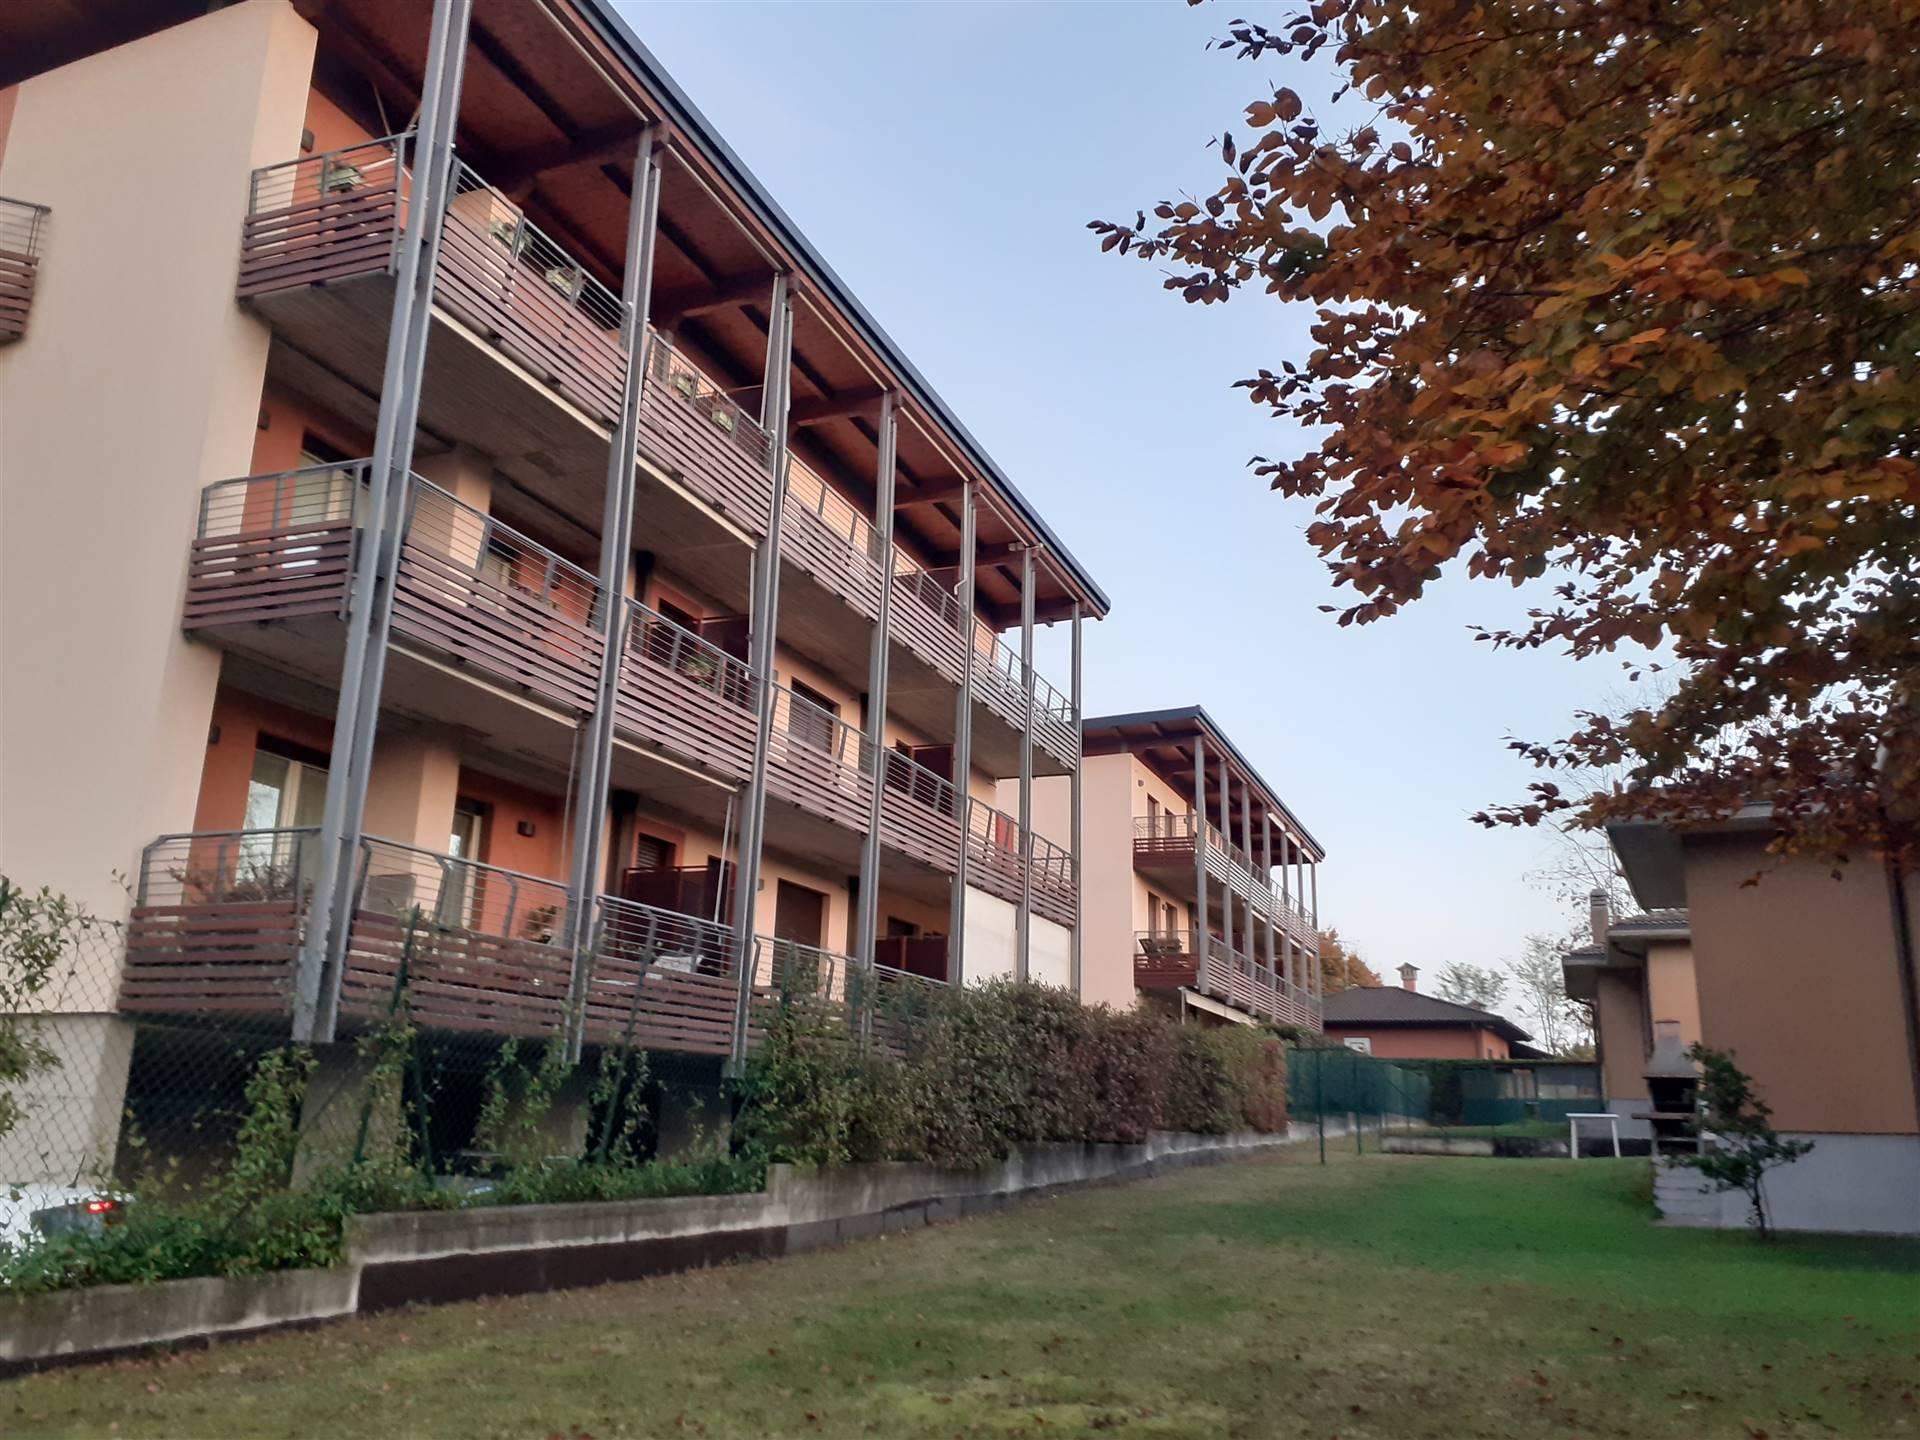 Appartamento in vendita a Gavirate, 3 locali, prezzo € 222.000 | CambioCasa.it